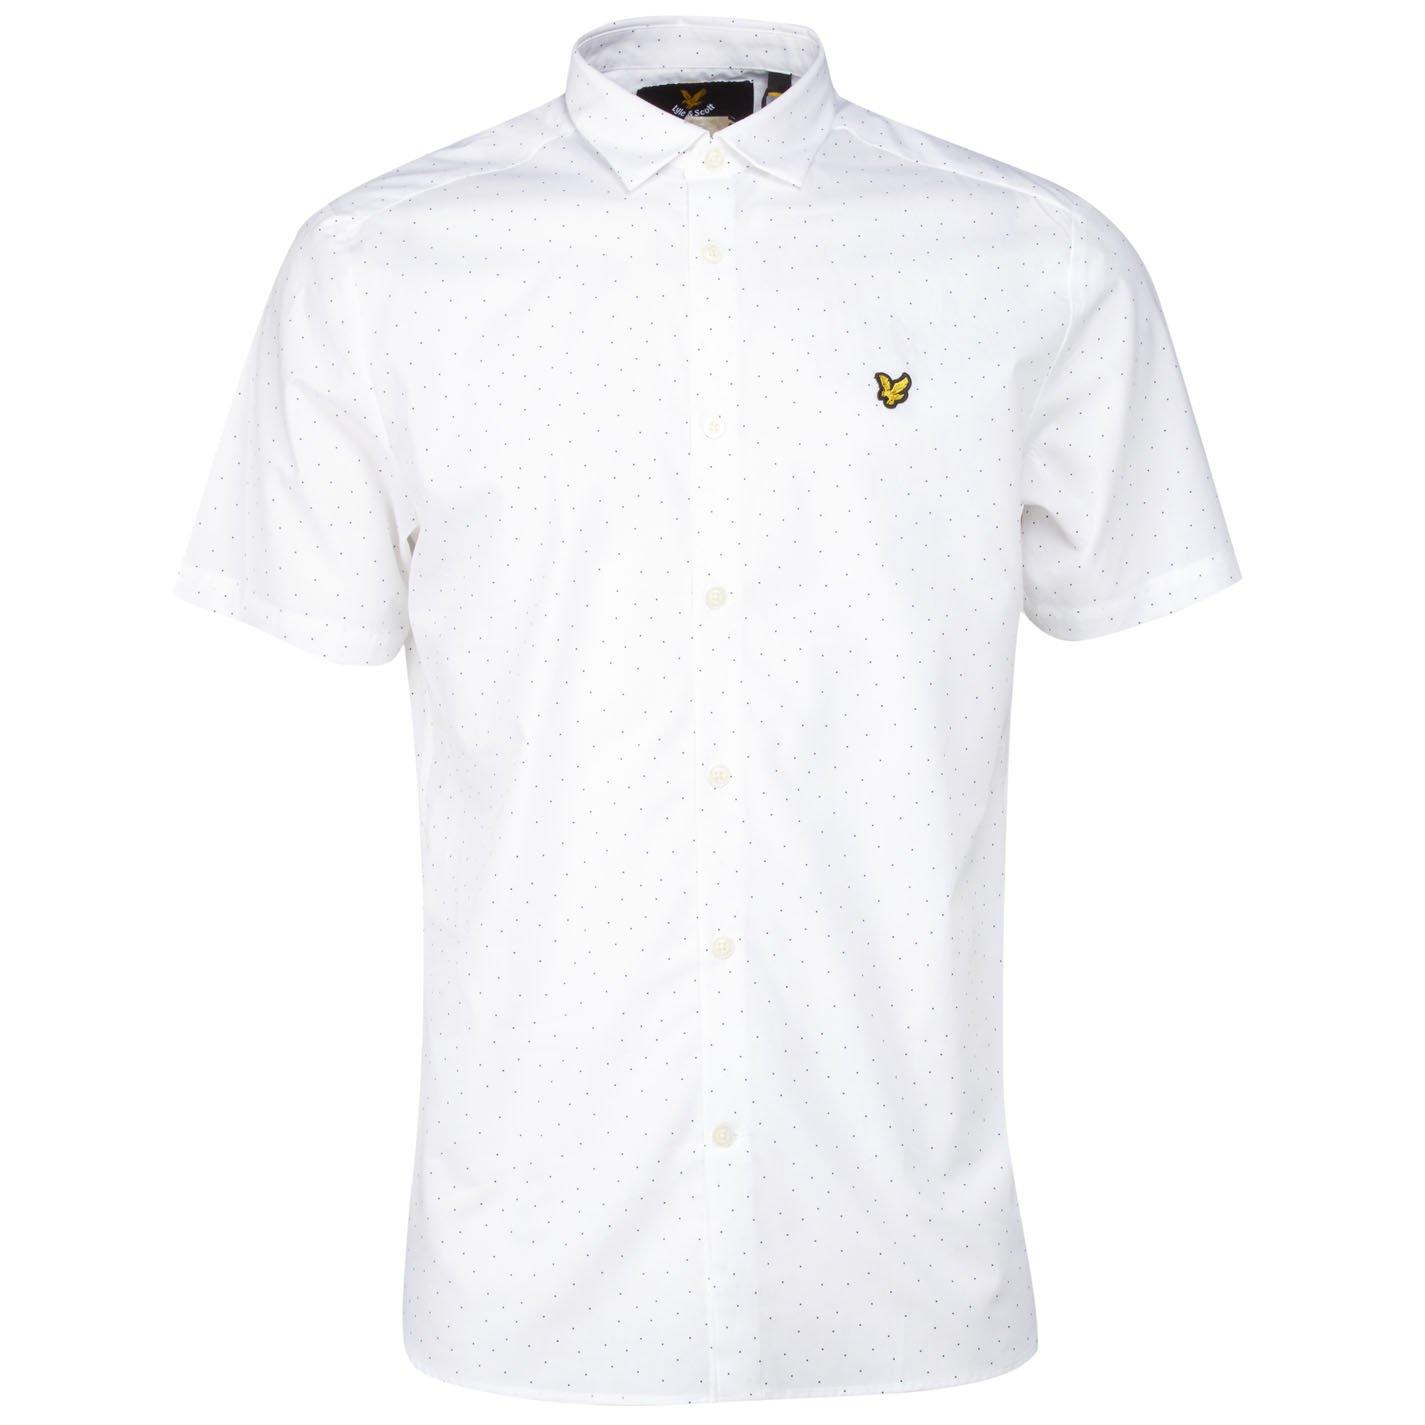 Lyle & Scott Mini Square Dot Camisa Casual, Multicolor (White 626 ...